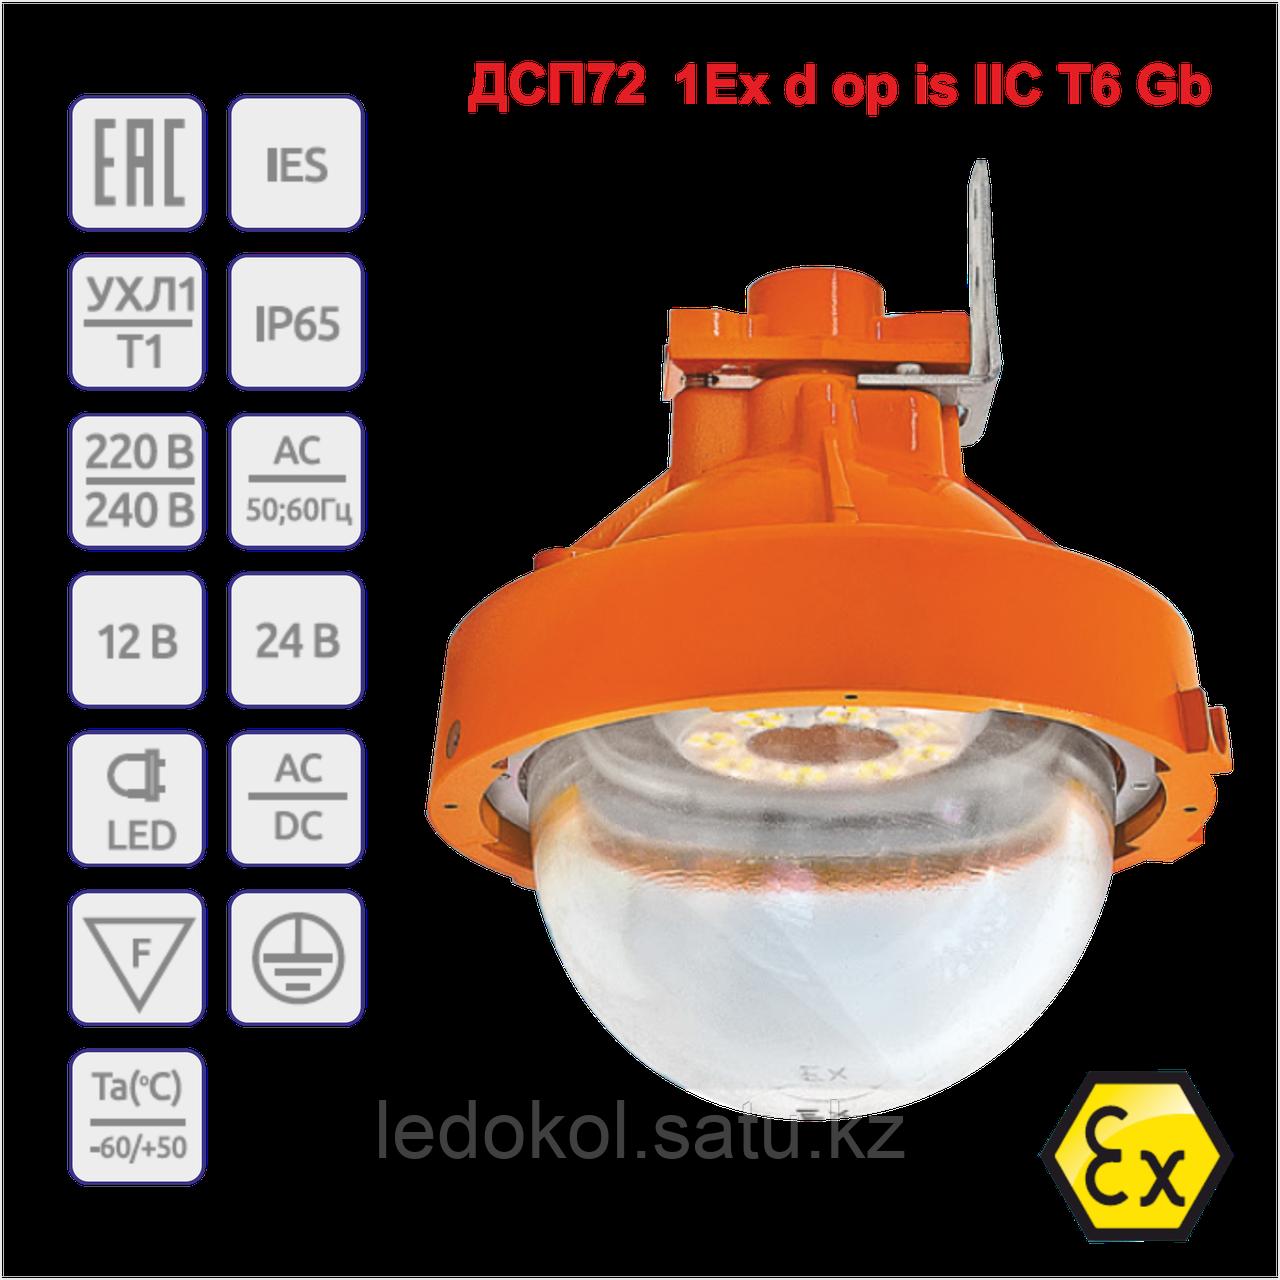 Взрывозащищенный Светильник серии ДСП 72